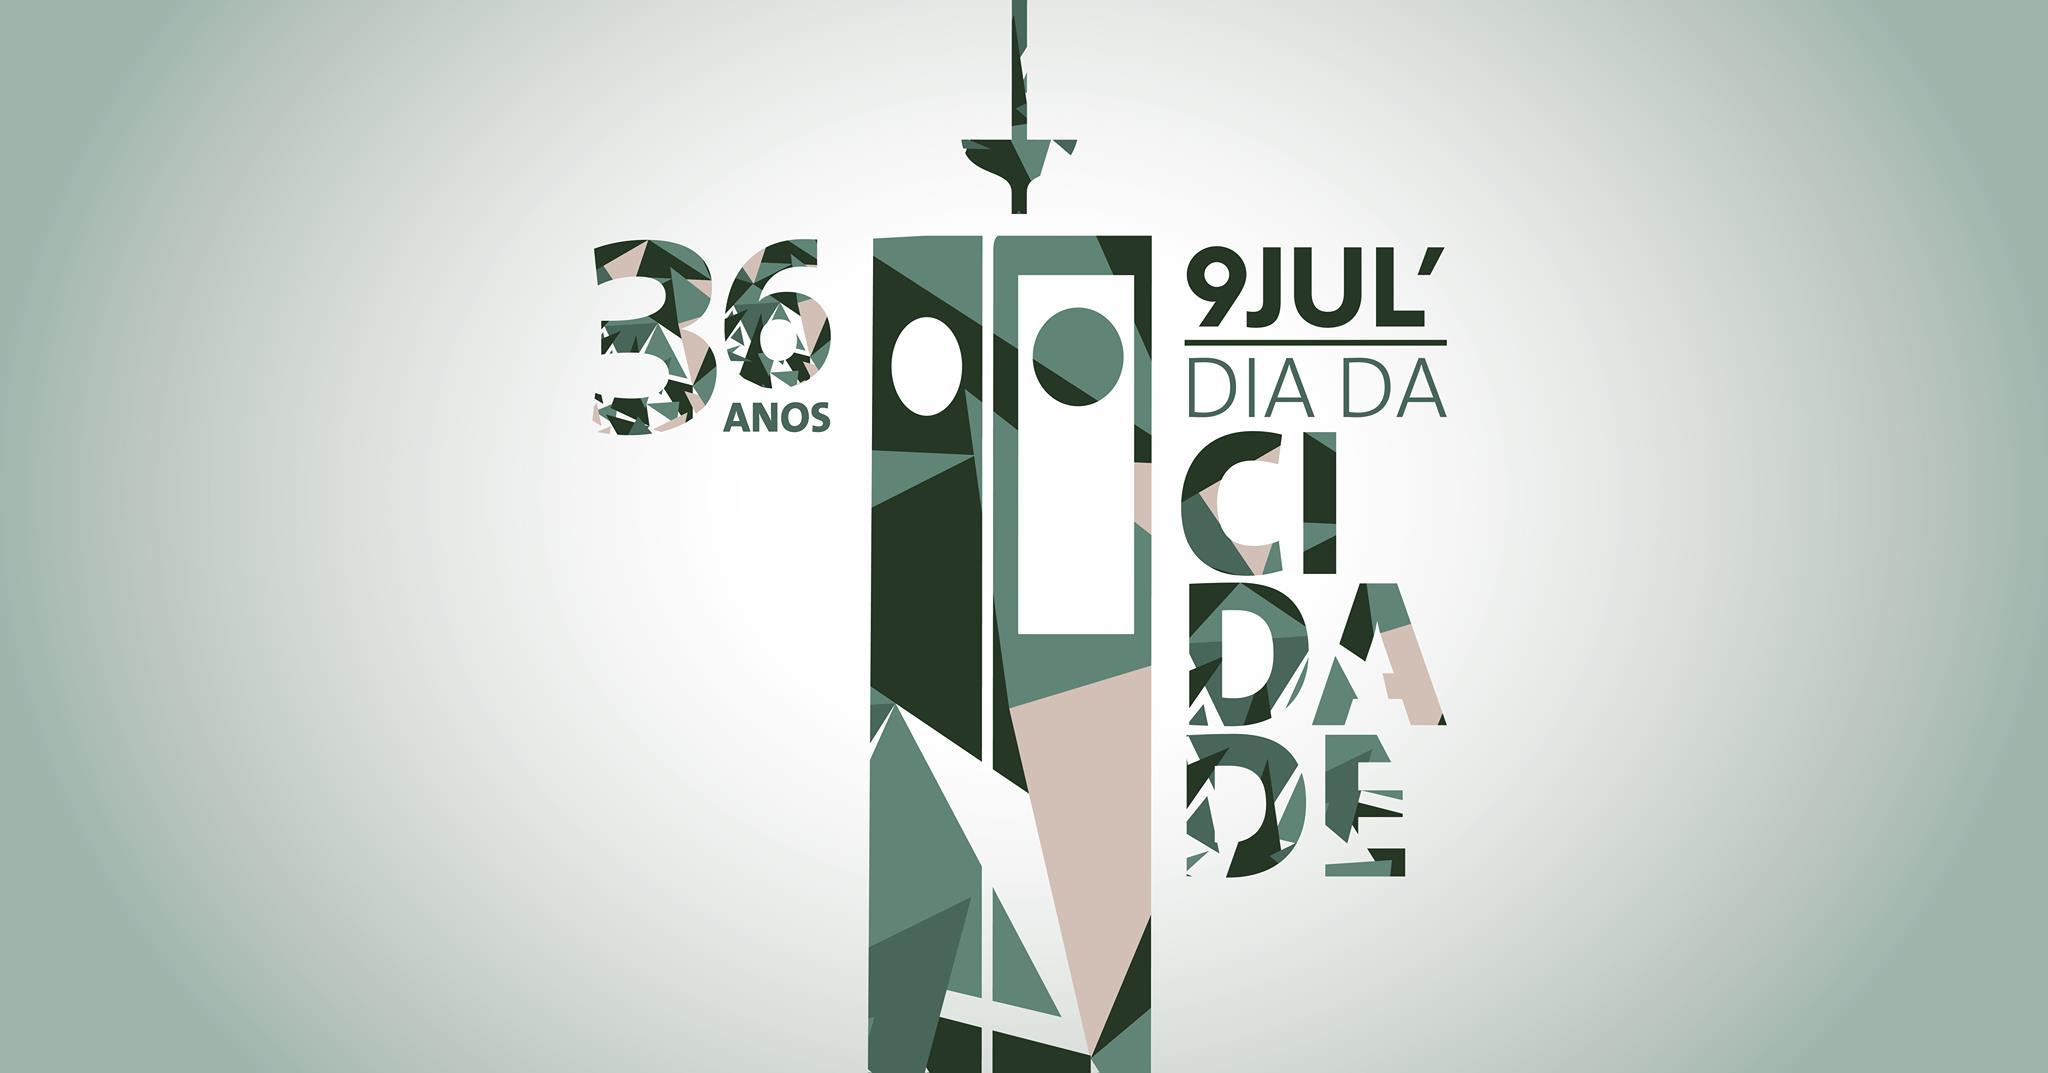 Dia da Cidade